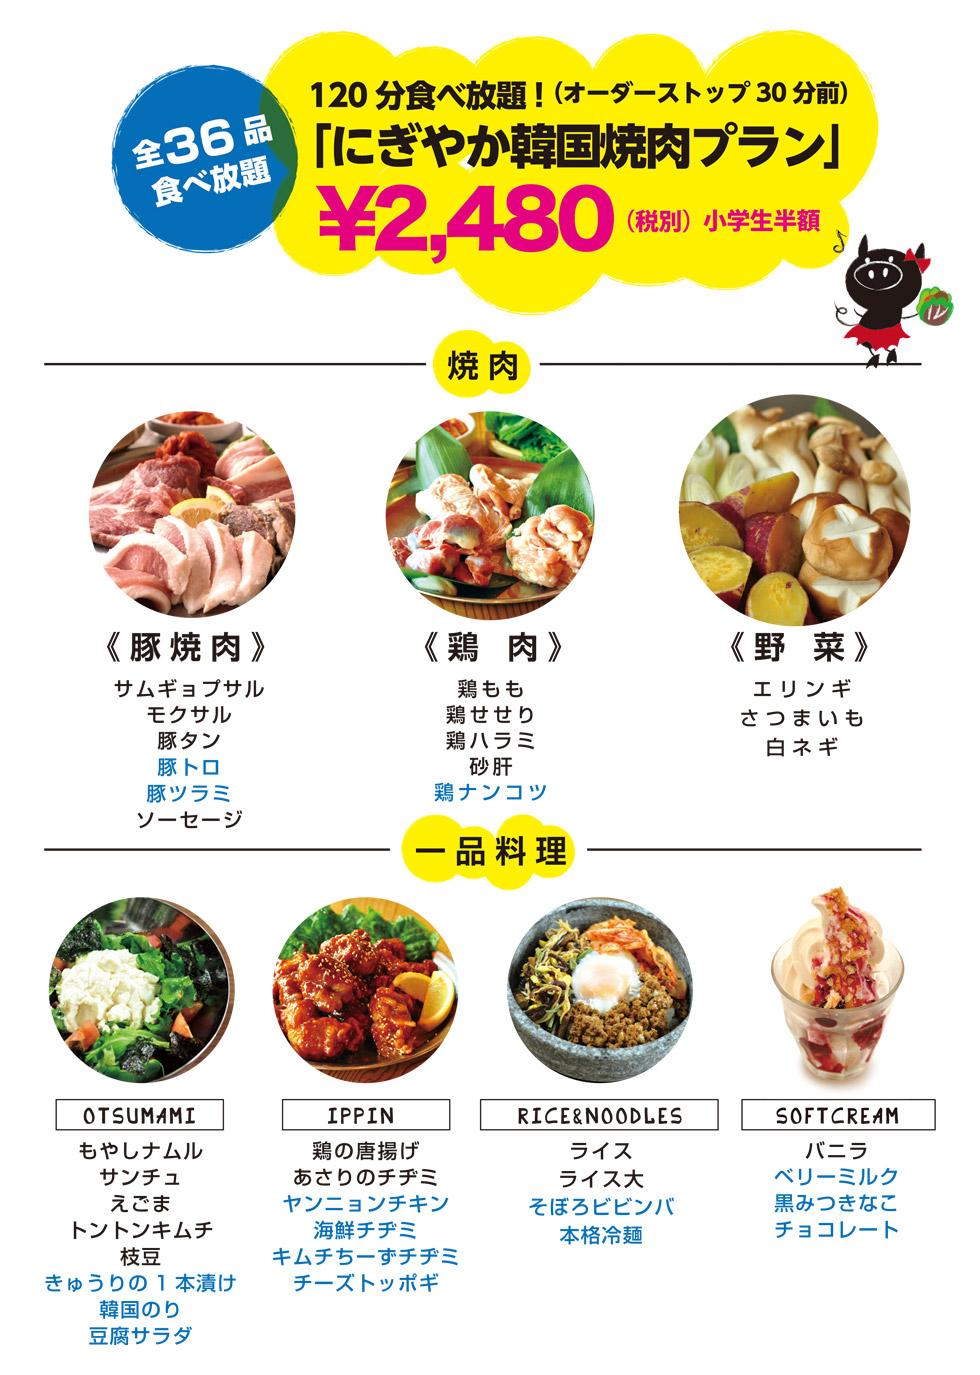 にぎやか韓国焼肉プラン